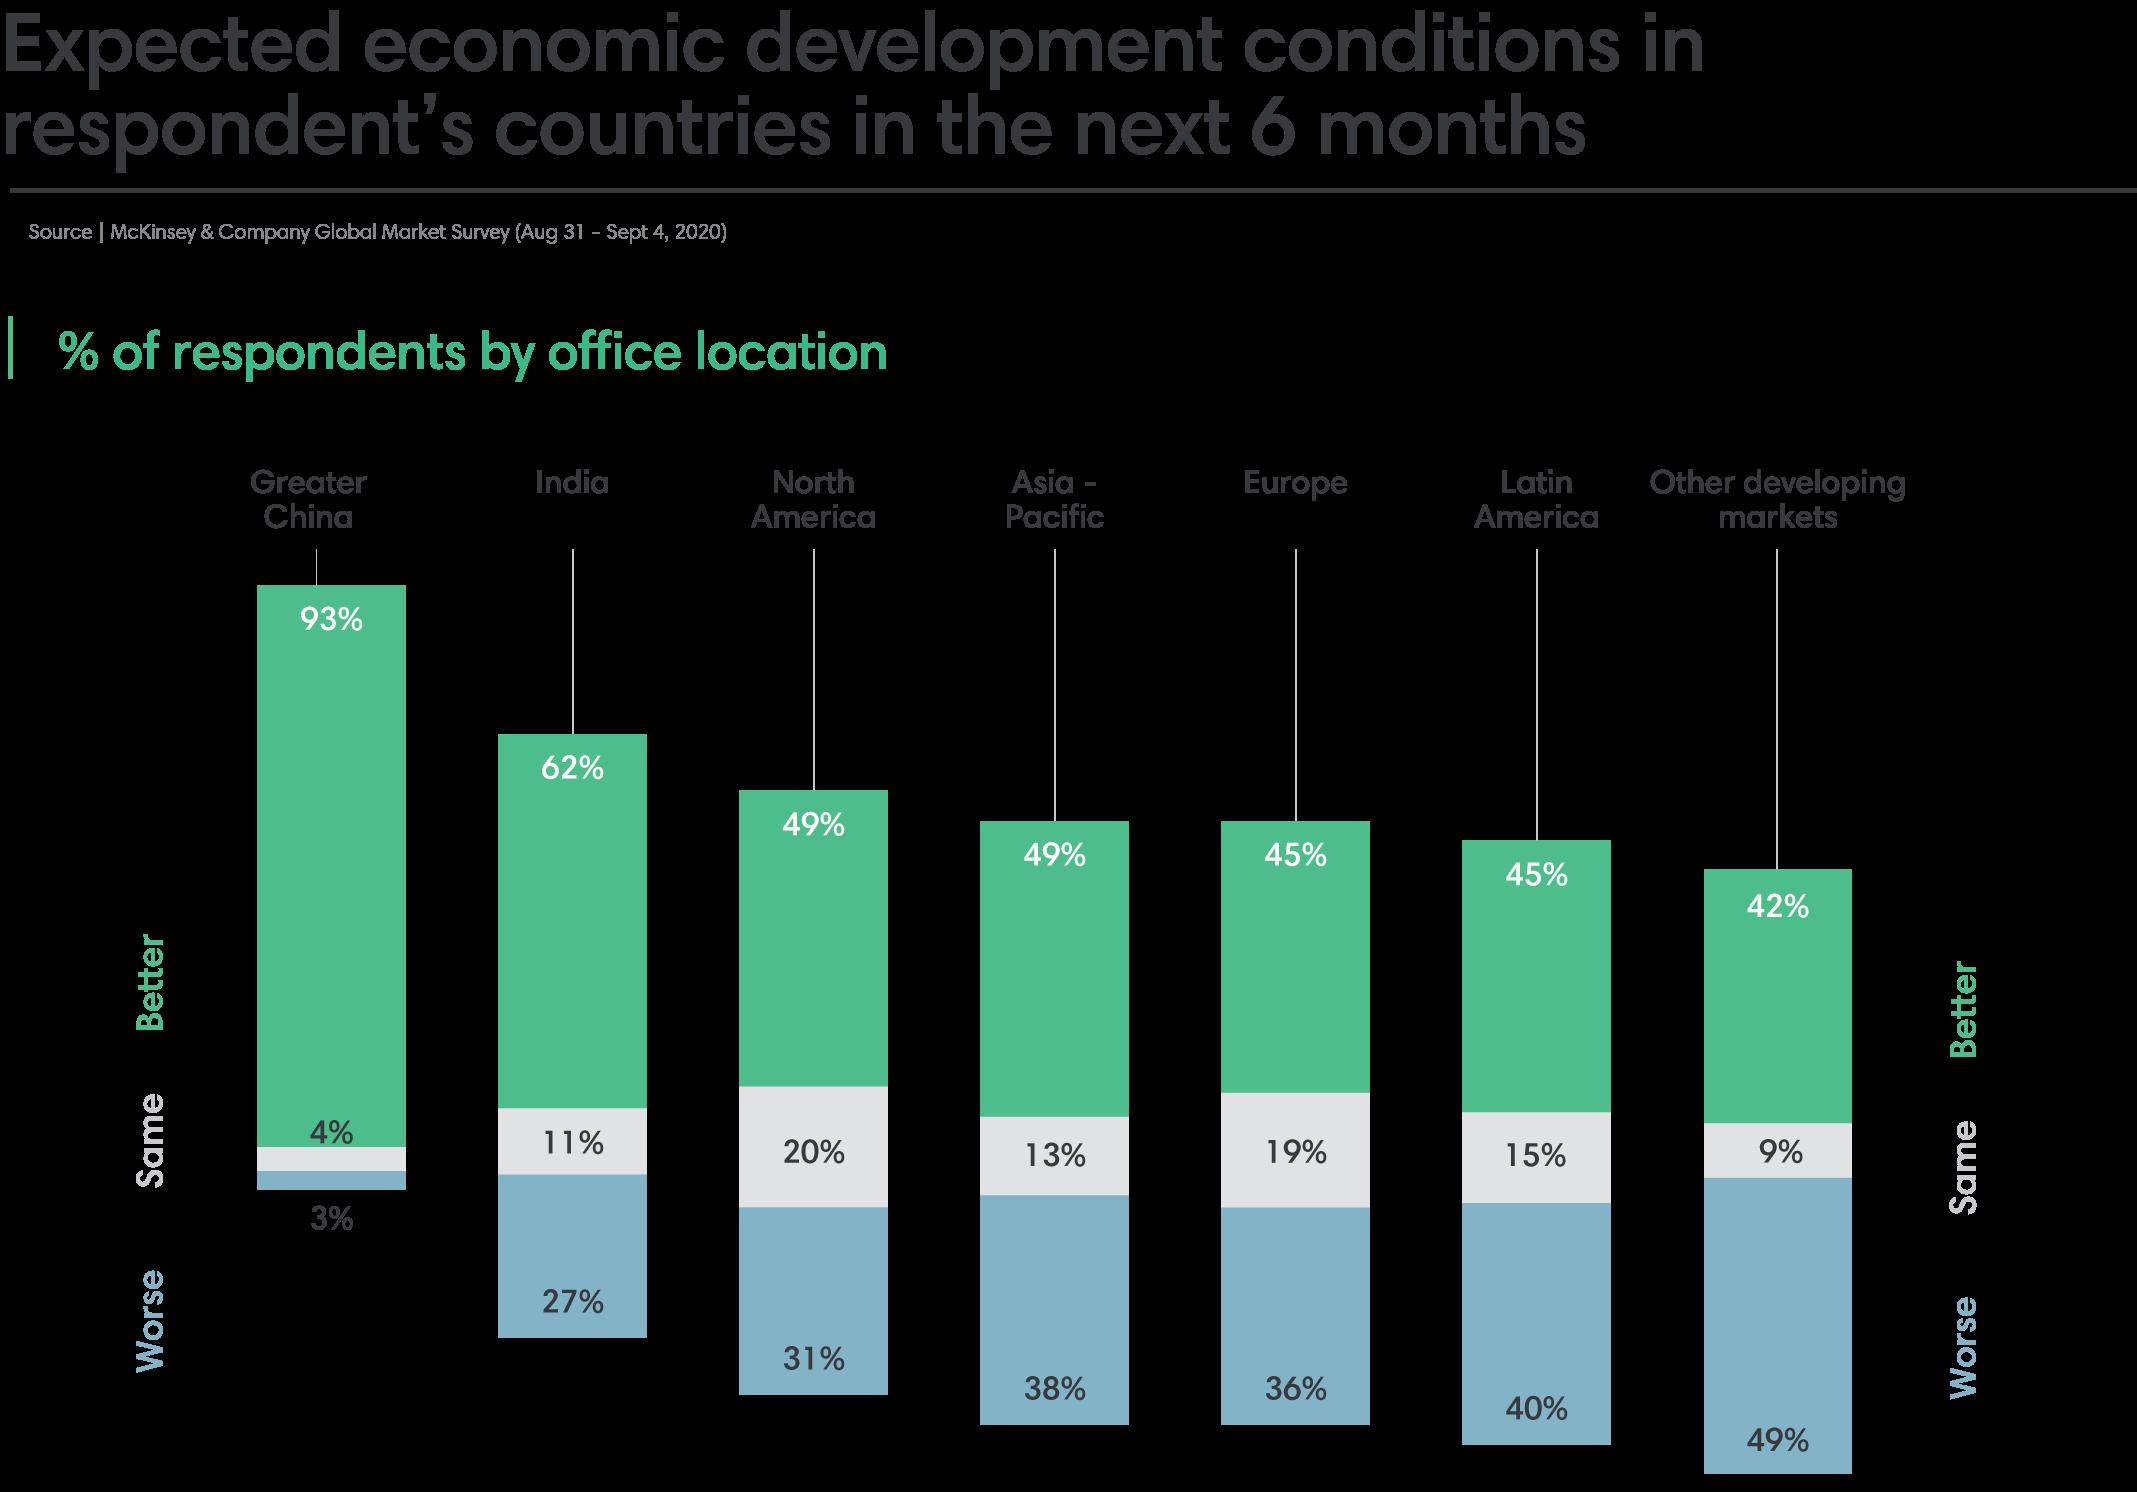 Expected economic development